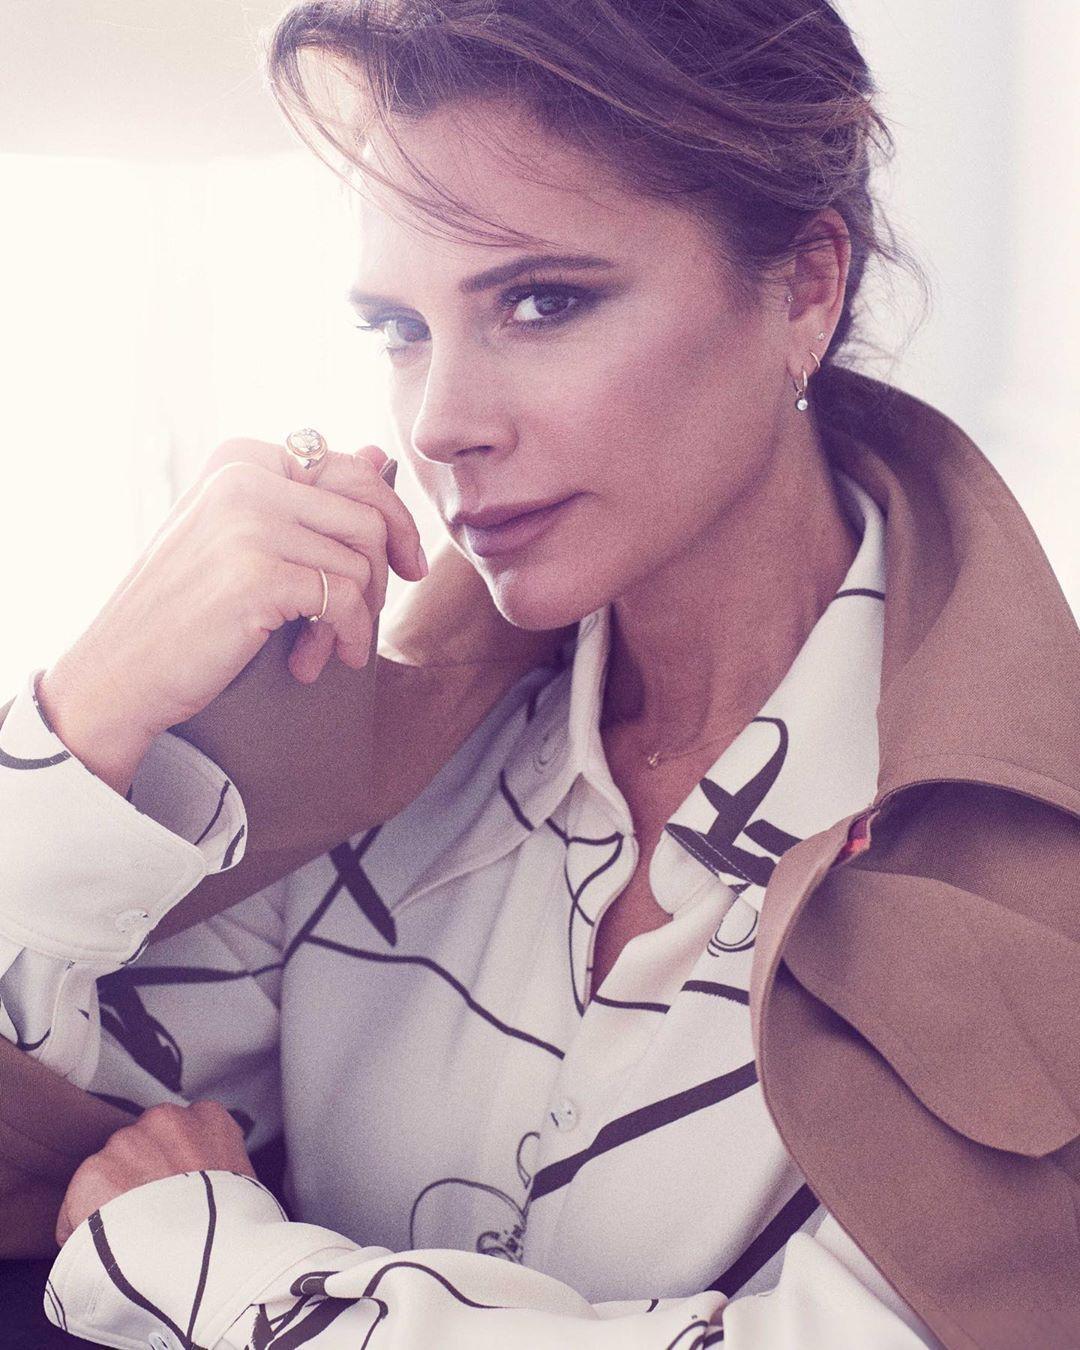 Вікторія Бекхем, Vogue_2